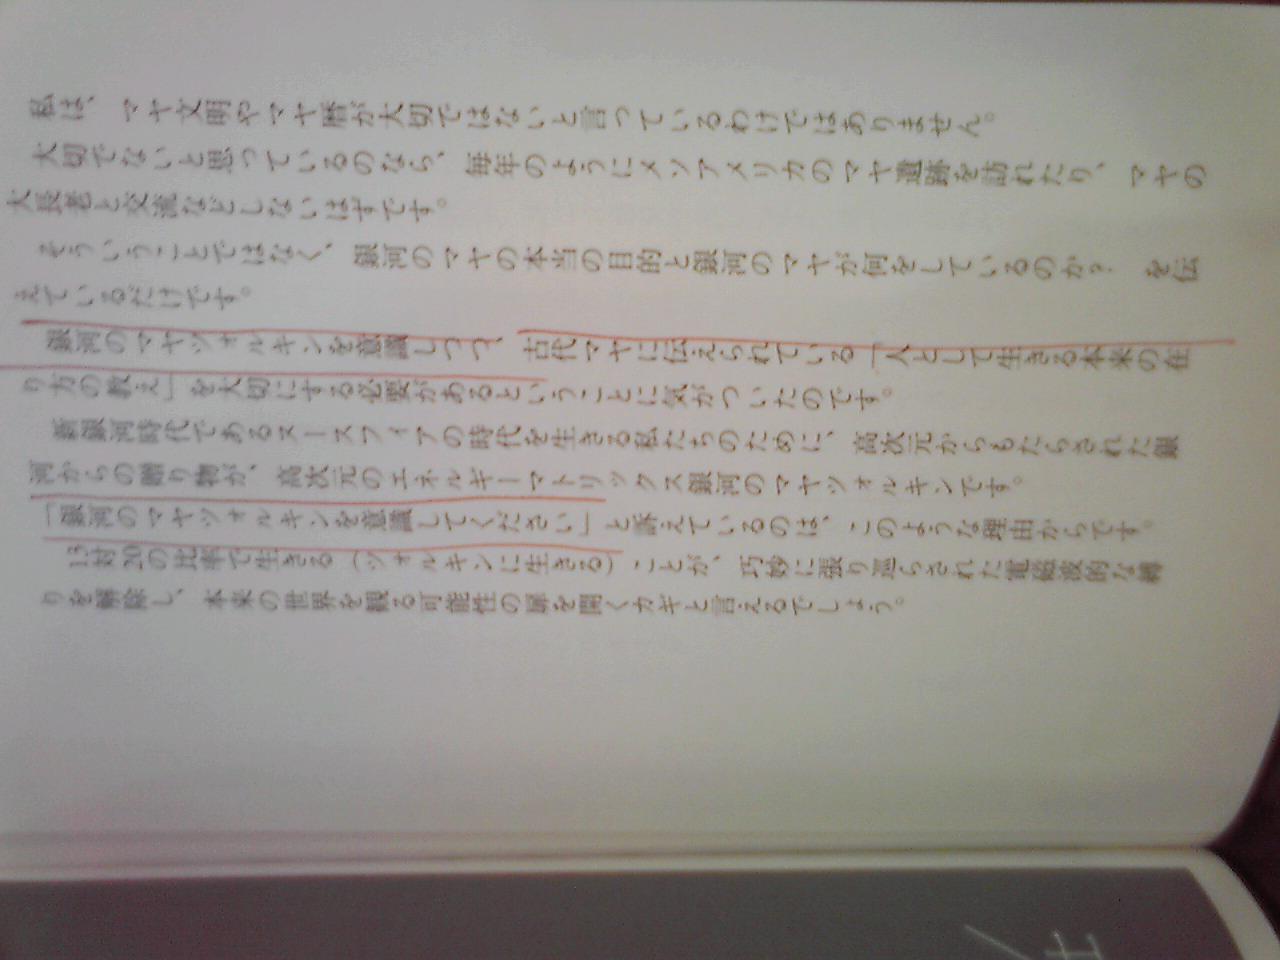 f:id:uta_stream:20191125174243j:plain